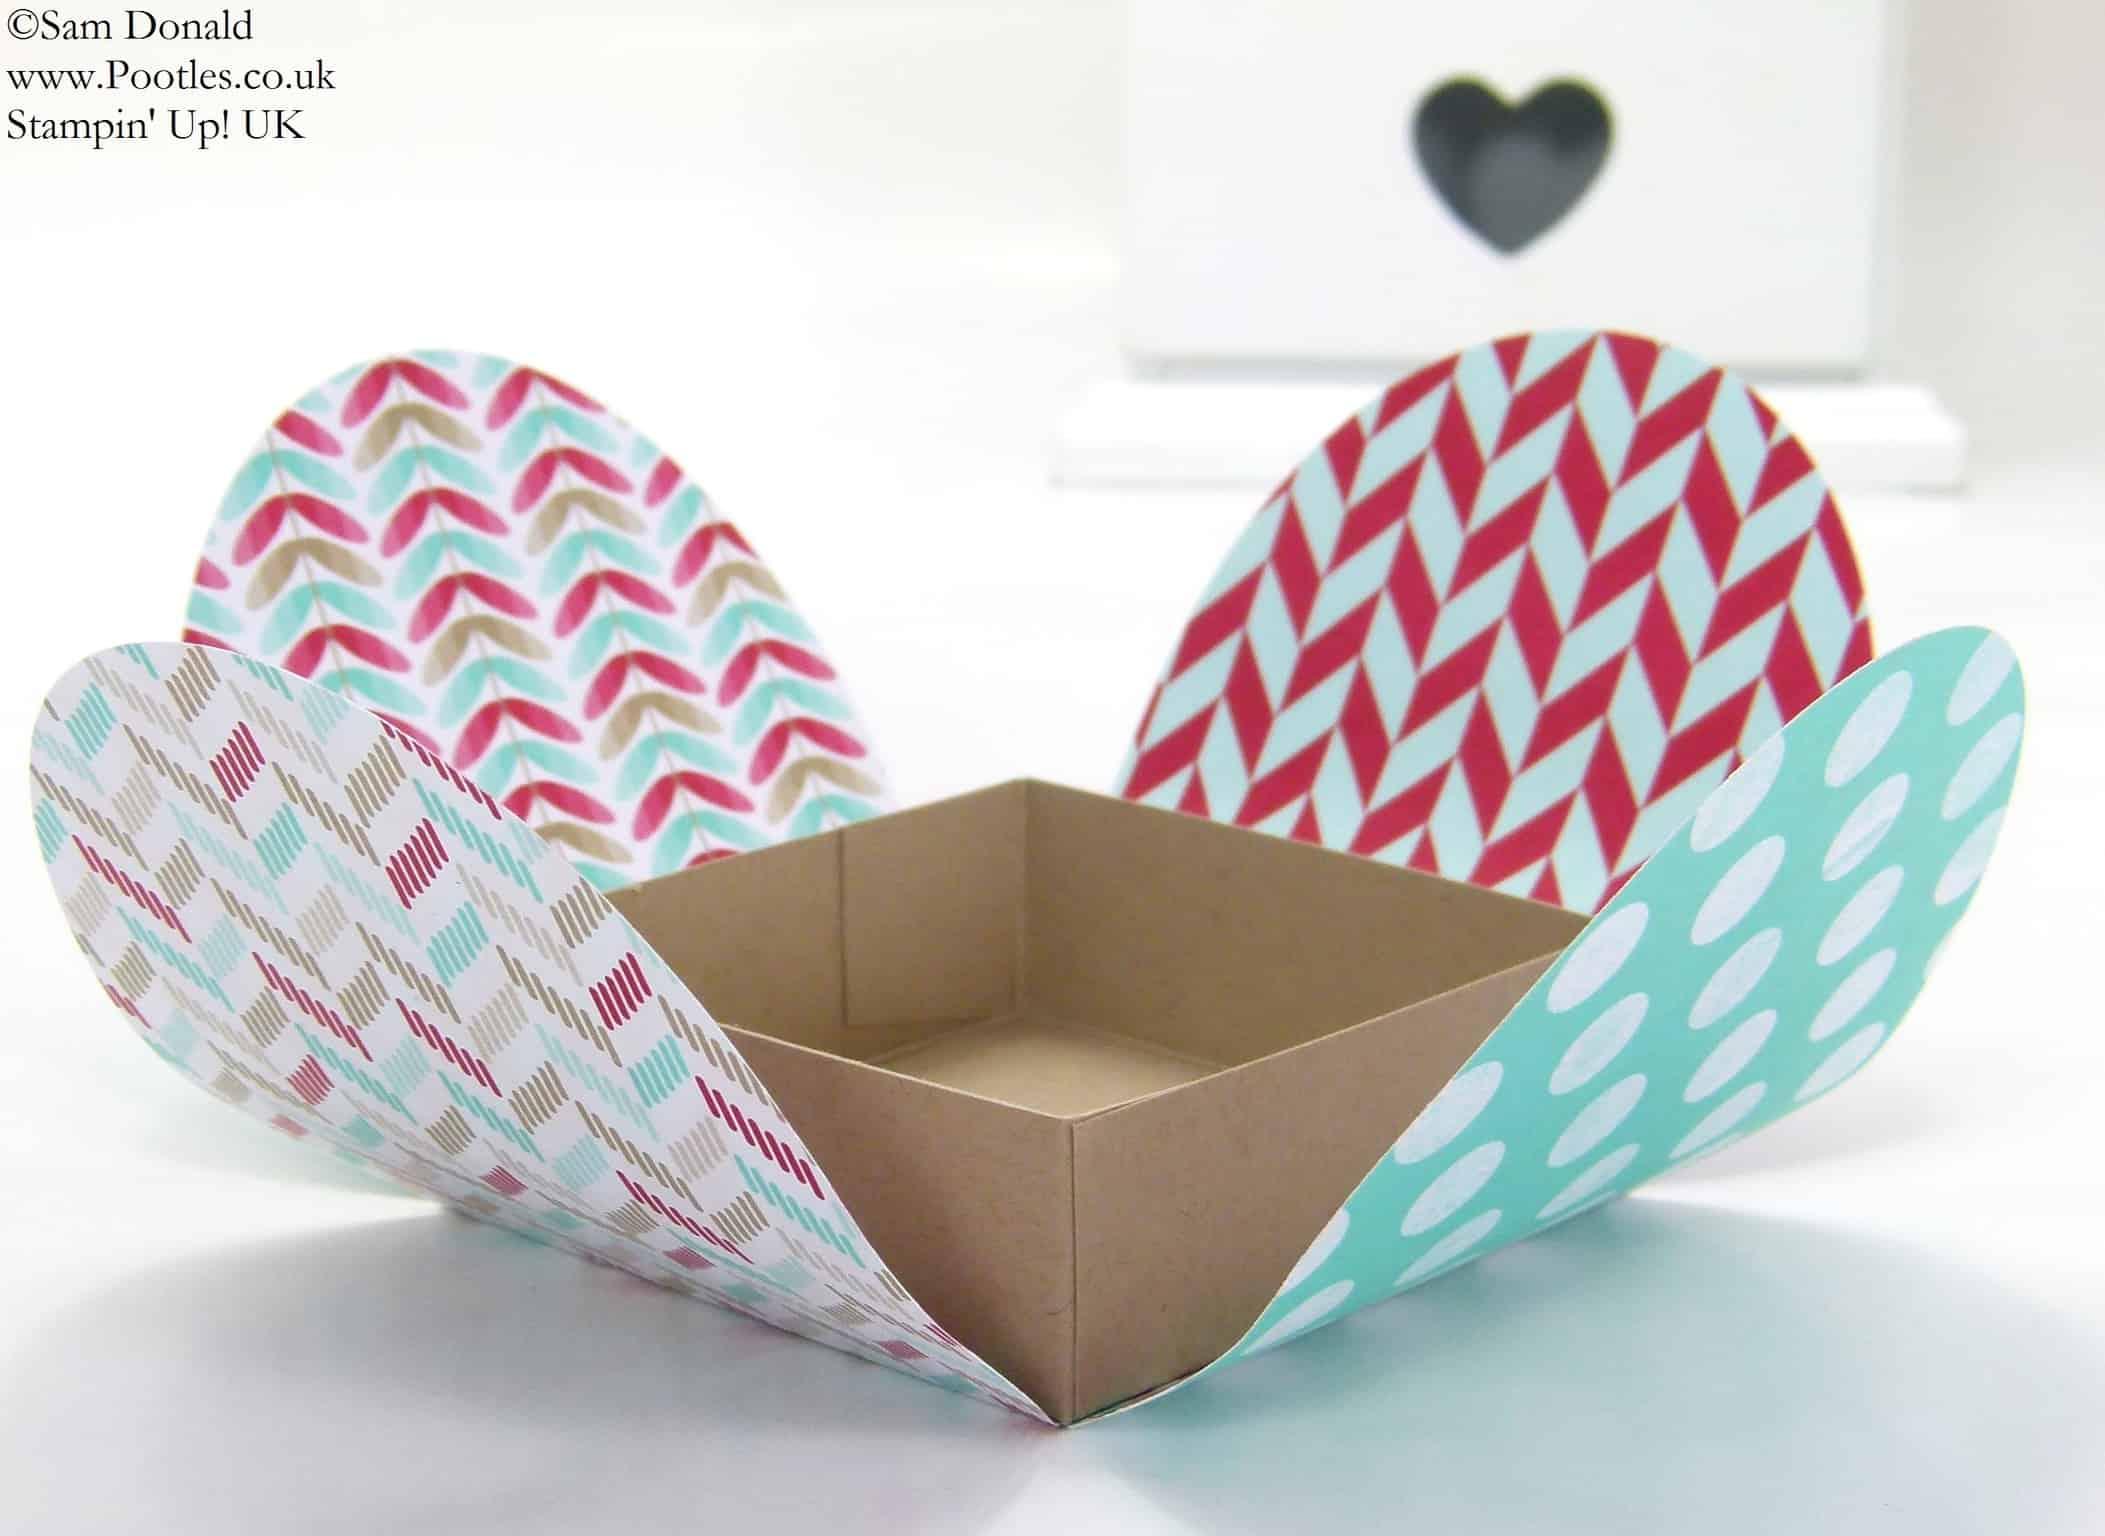 POOTLES Stampin' Up! UK Framelits Box Tutorial